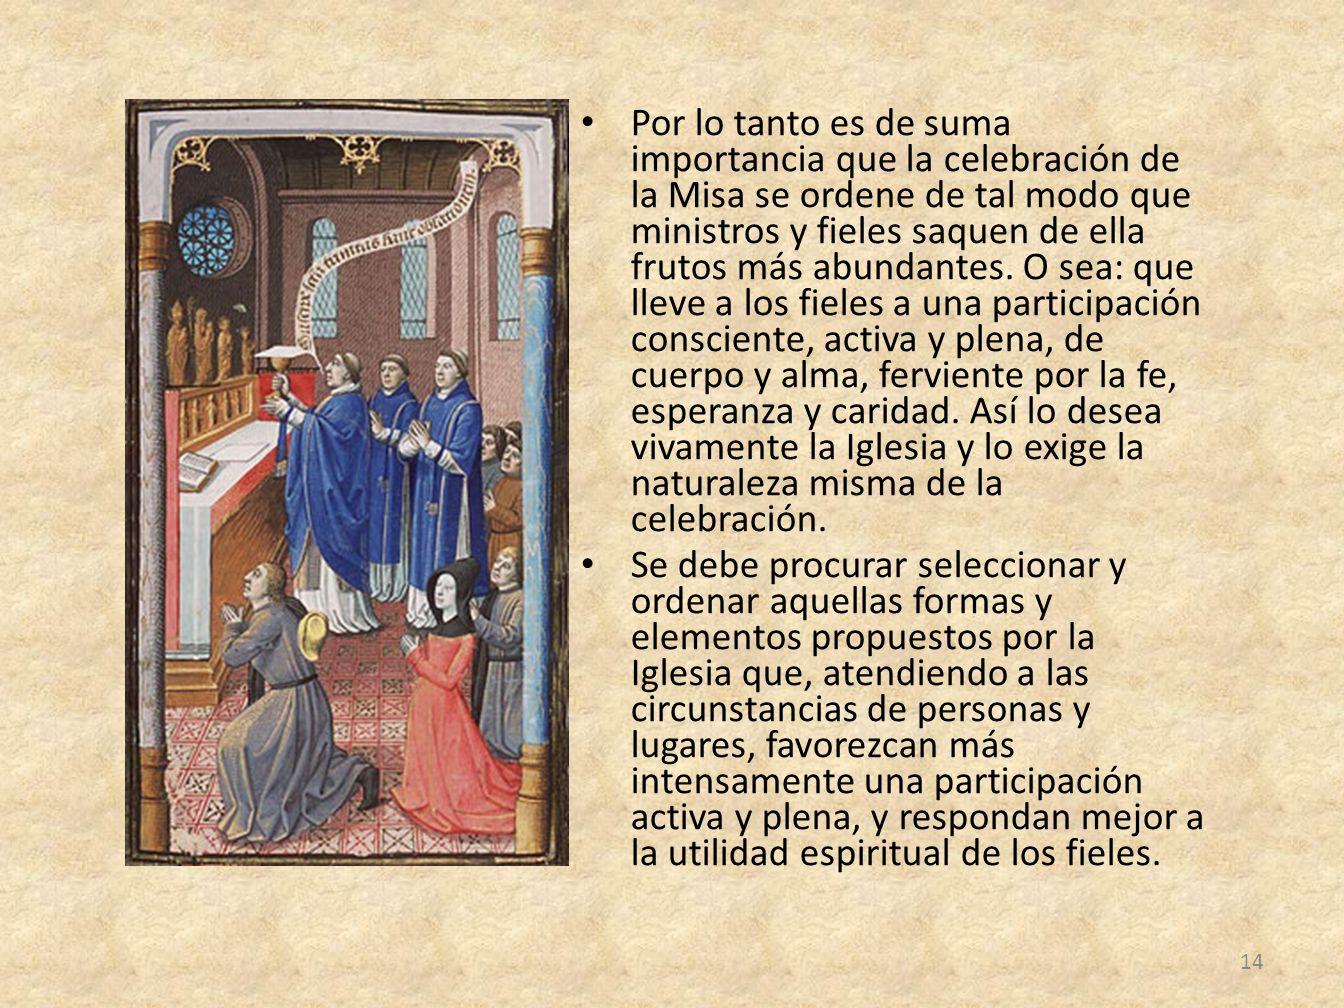 Por lo tanto es de suma importancia que la celebración de la Misa se ordene de tal modo que ministros y fieles saquen de ella frutos más abundantes. O